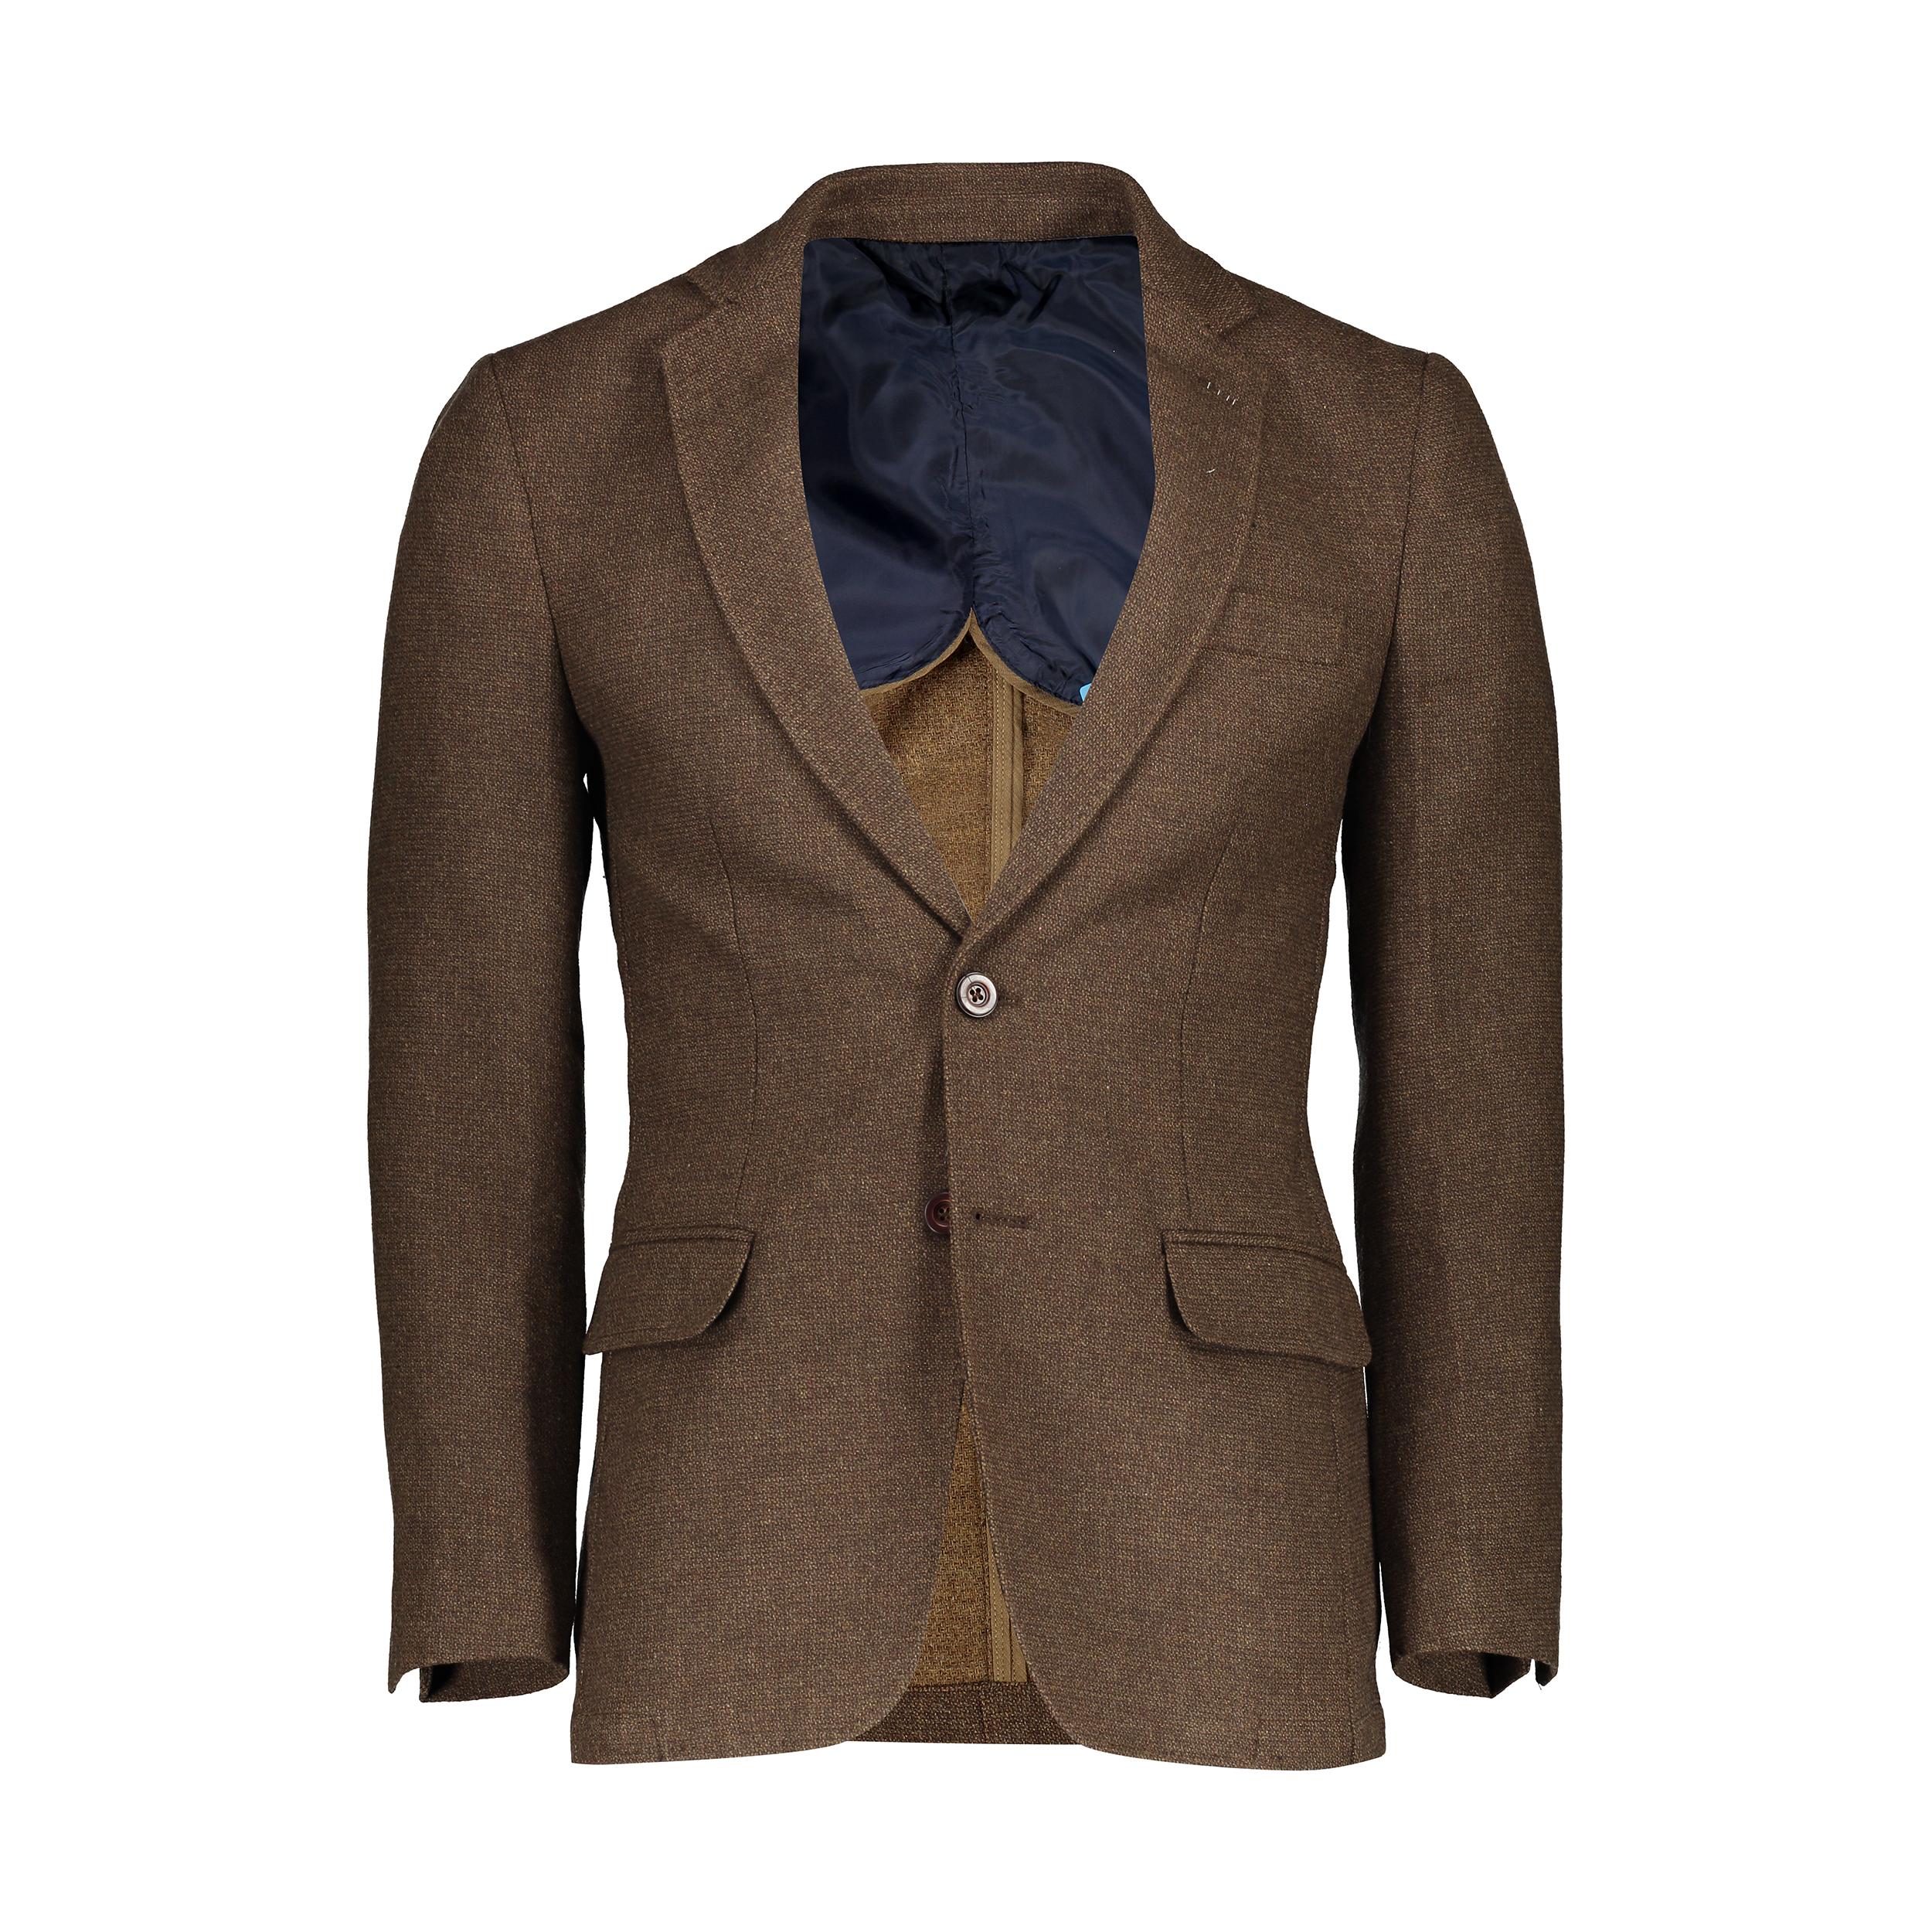 کت تک مردانه ادورا مدل 0215058 رنگ قهوه ای